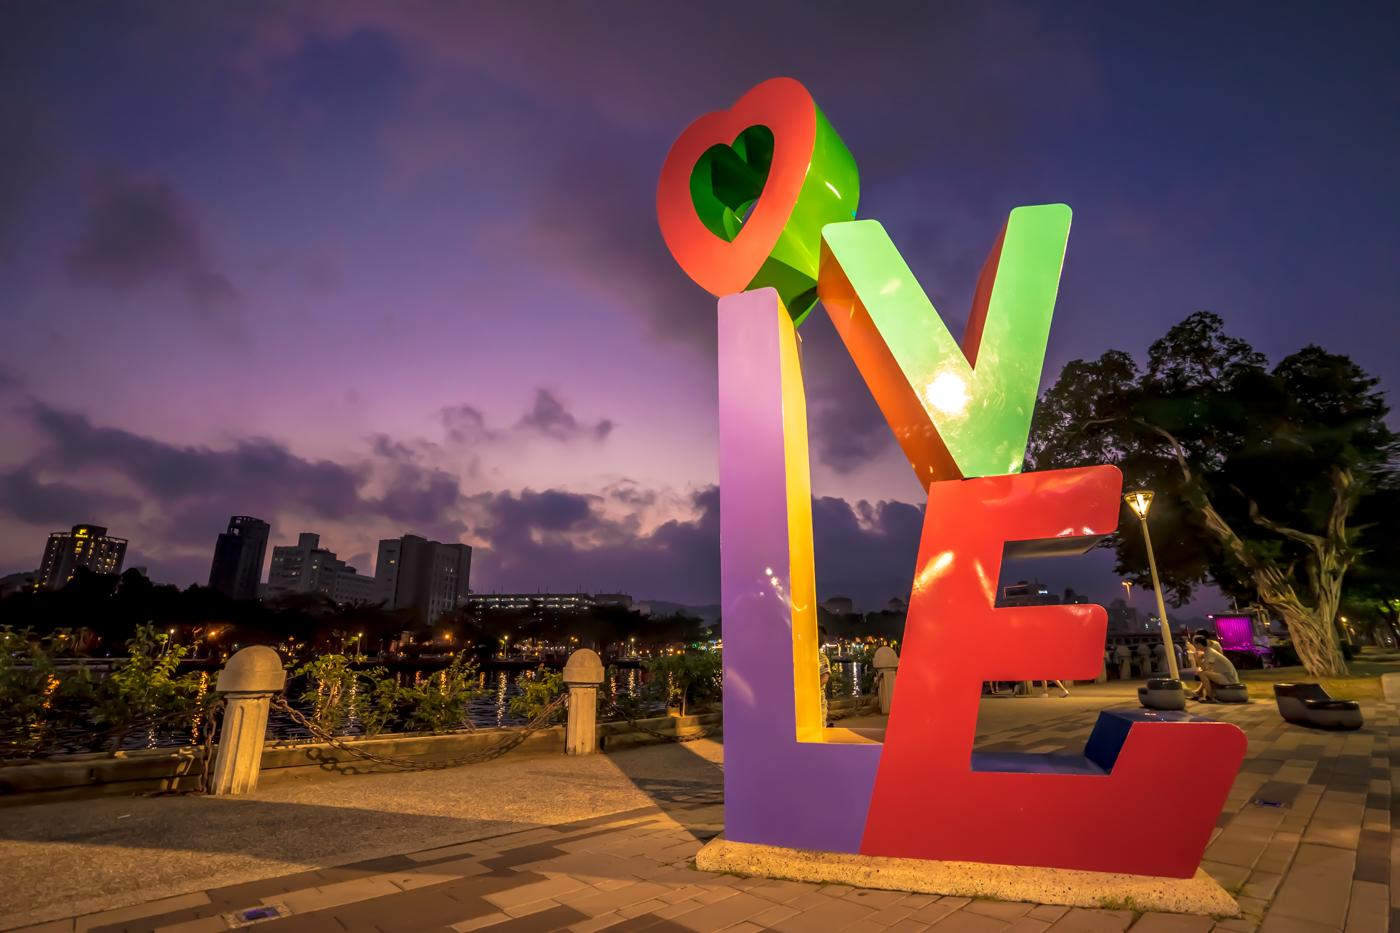 """台湾高雄旅行 その7 """"Love""""な雰囲気満点、愛河の散歩道"""